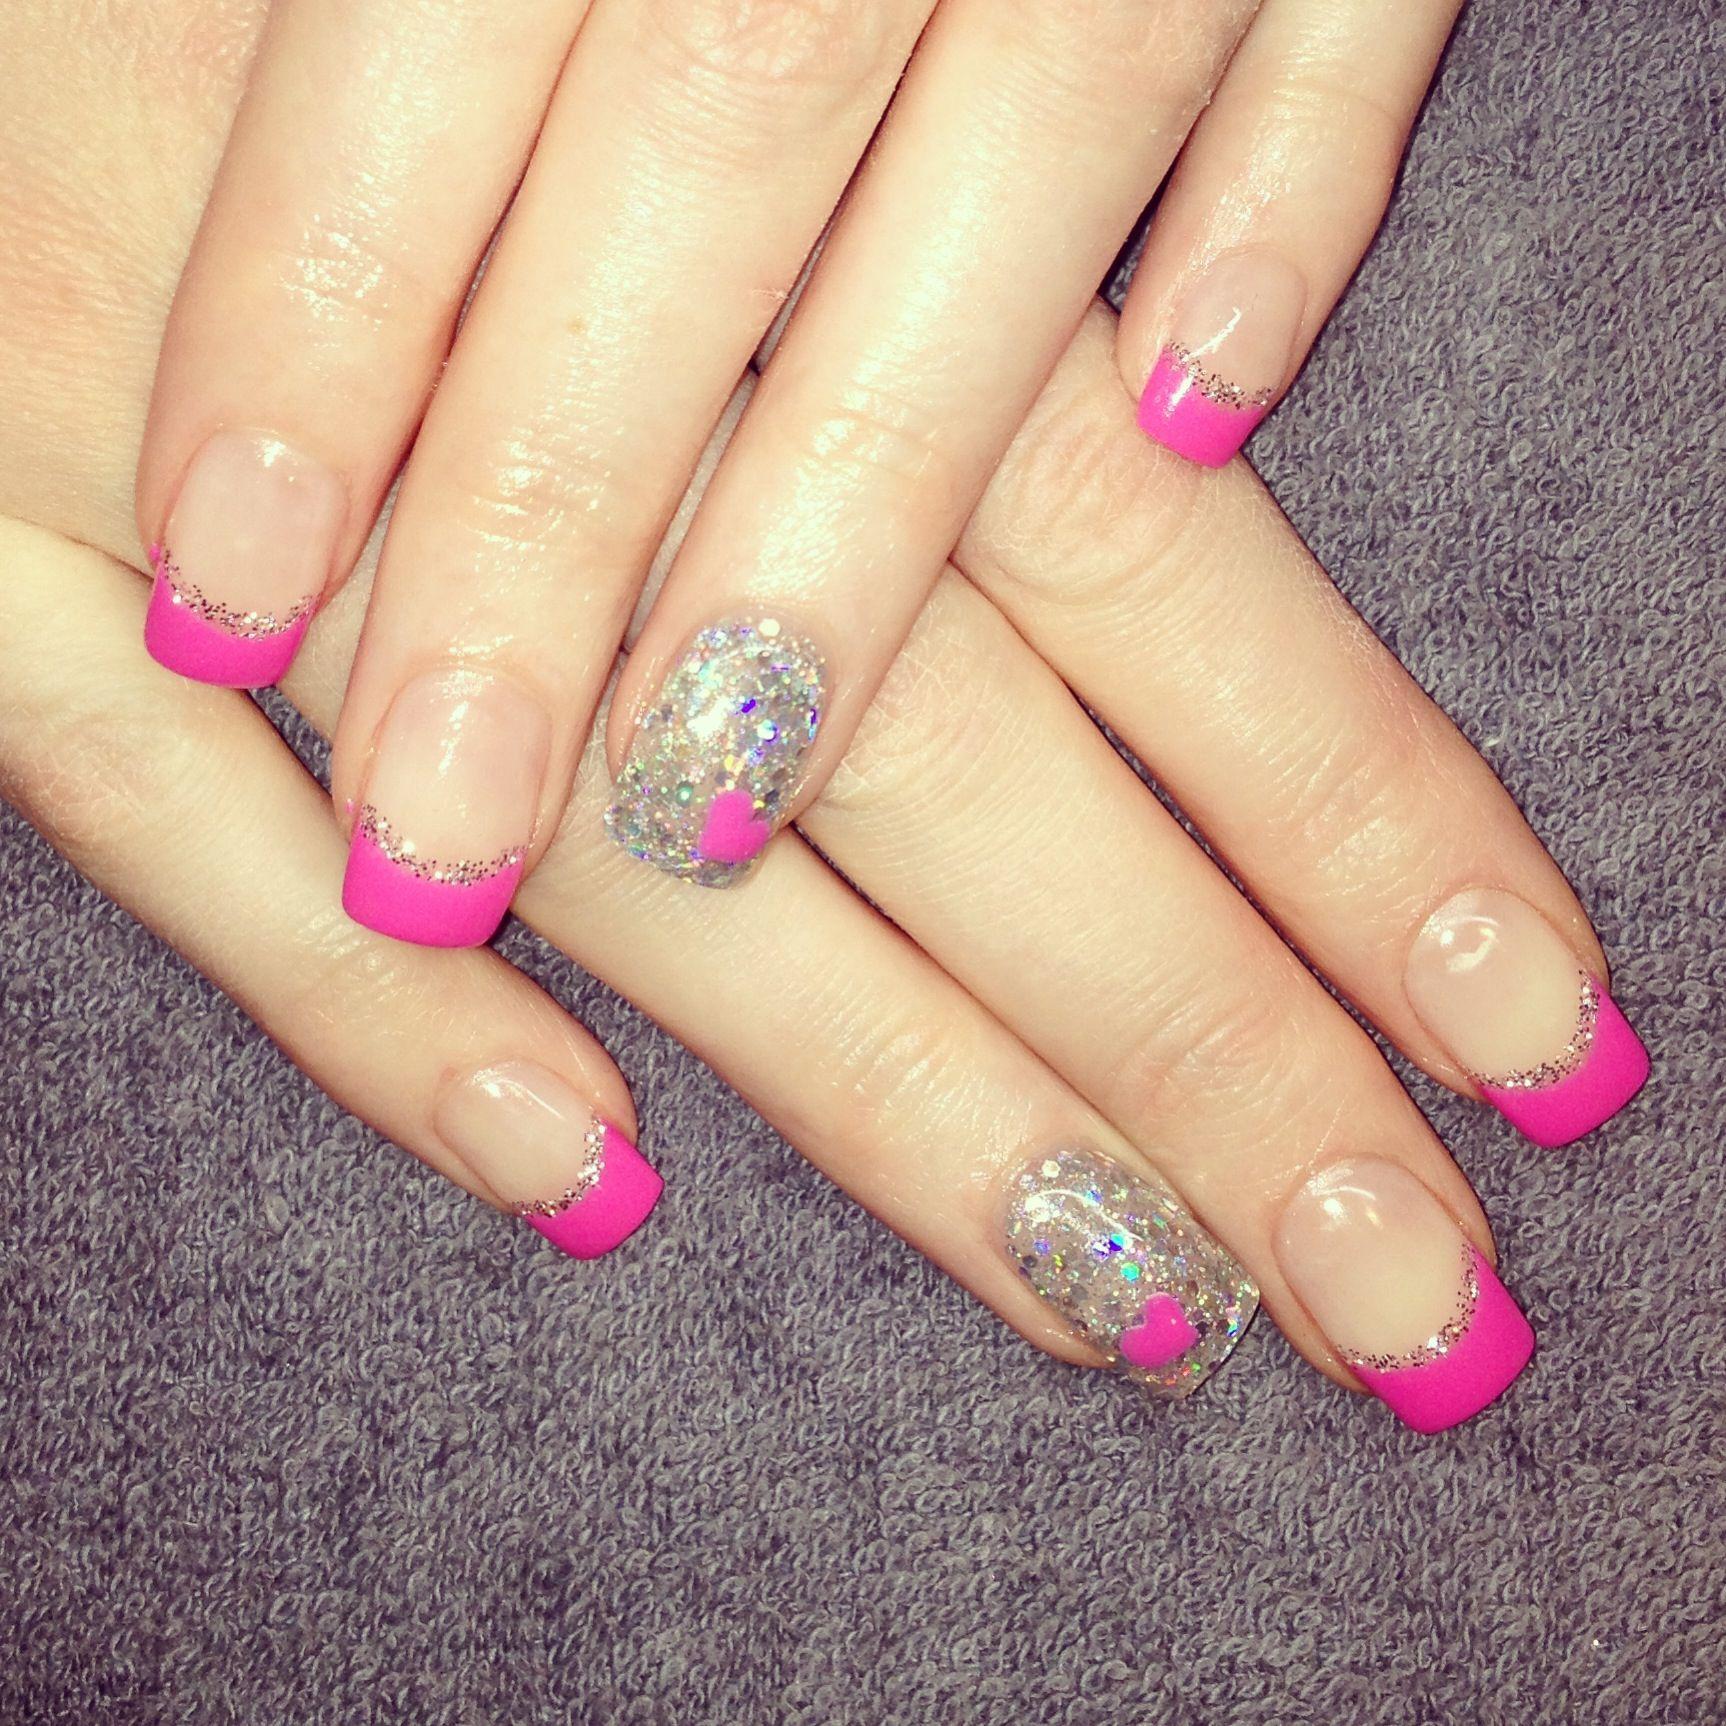 Gel nails   Nails by Krystal   Pinterest   Gel designs, Nail nail ...